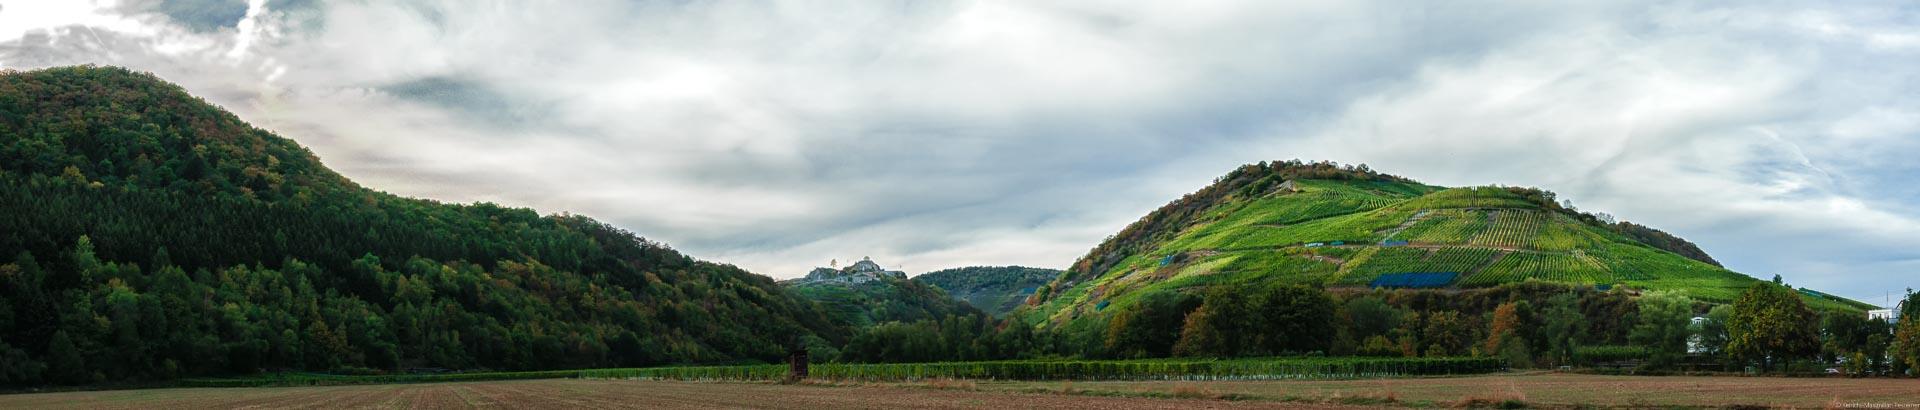 Im Hintergrund im Ahrtal erblickt man die Saffenburg. Rechts daneben liegt der Recher Herrenberg.